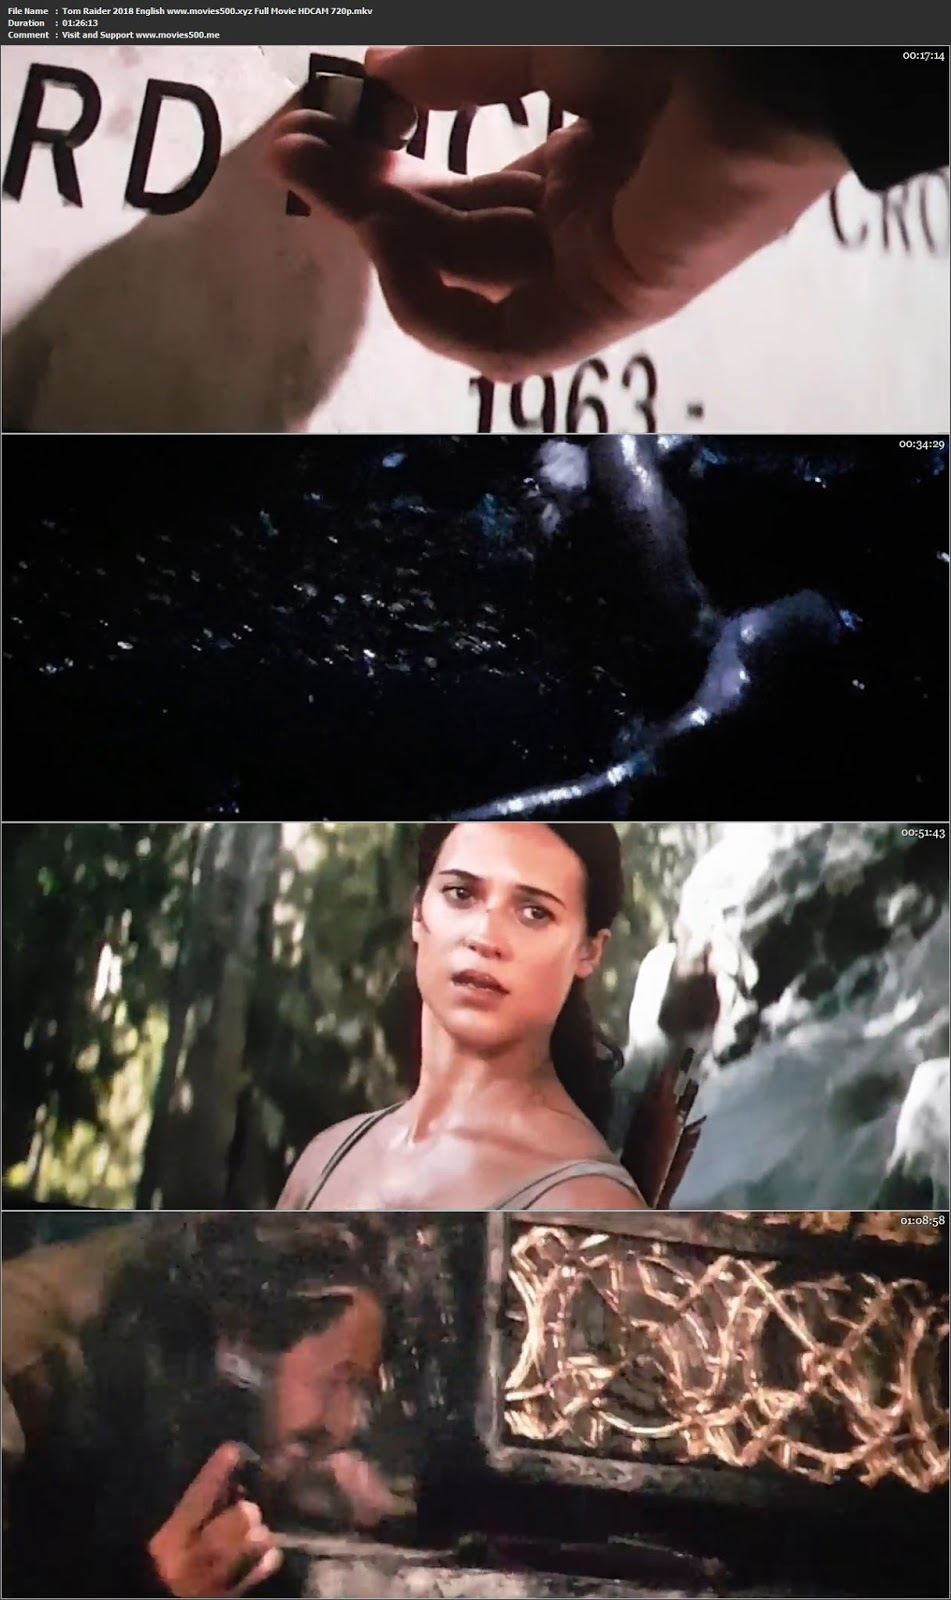 Tomb Raider 2018 English Full Movie HDCAM 720p at movies500.bid